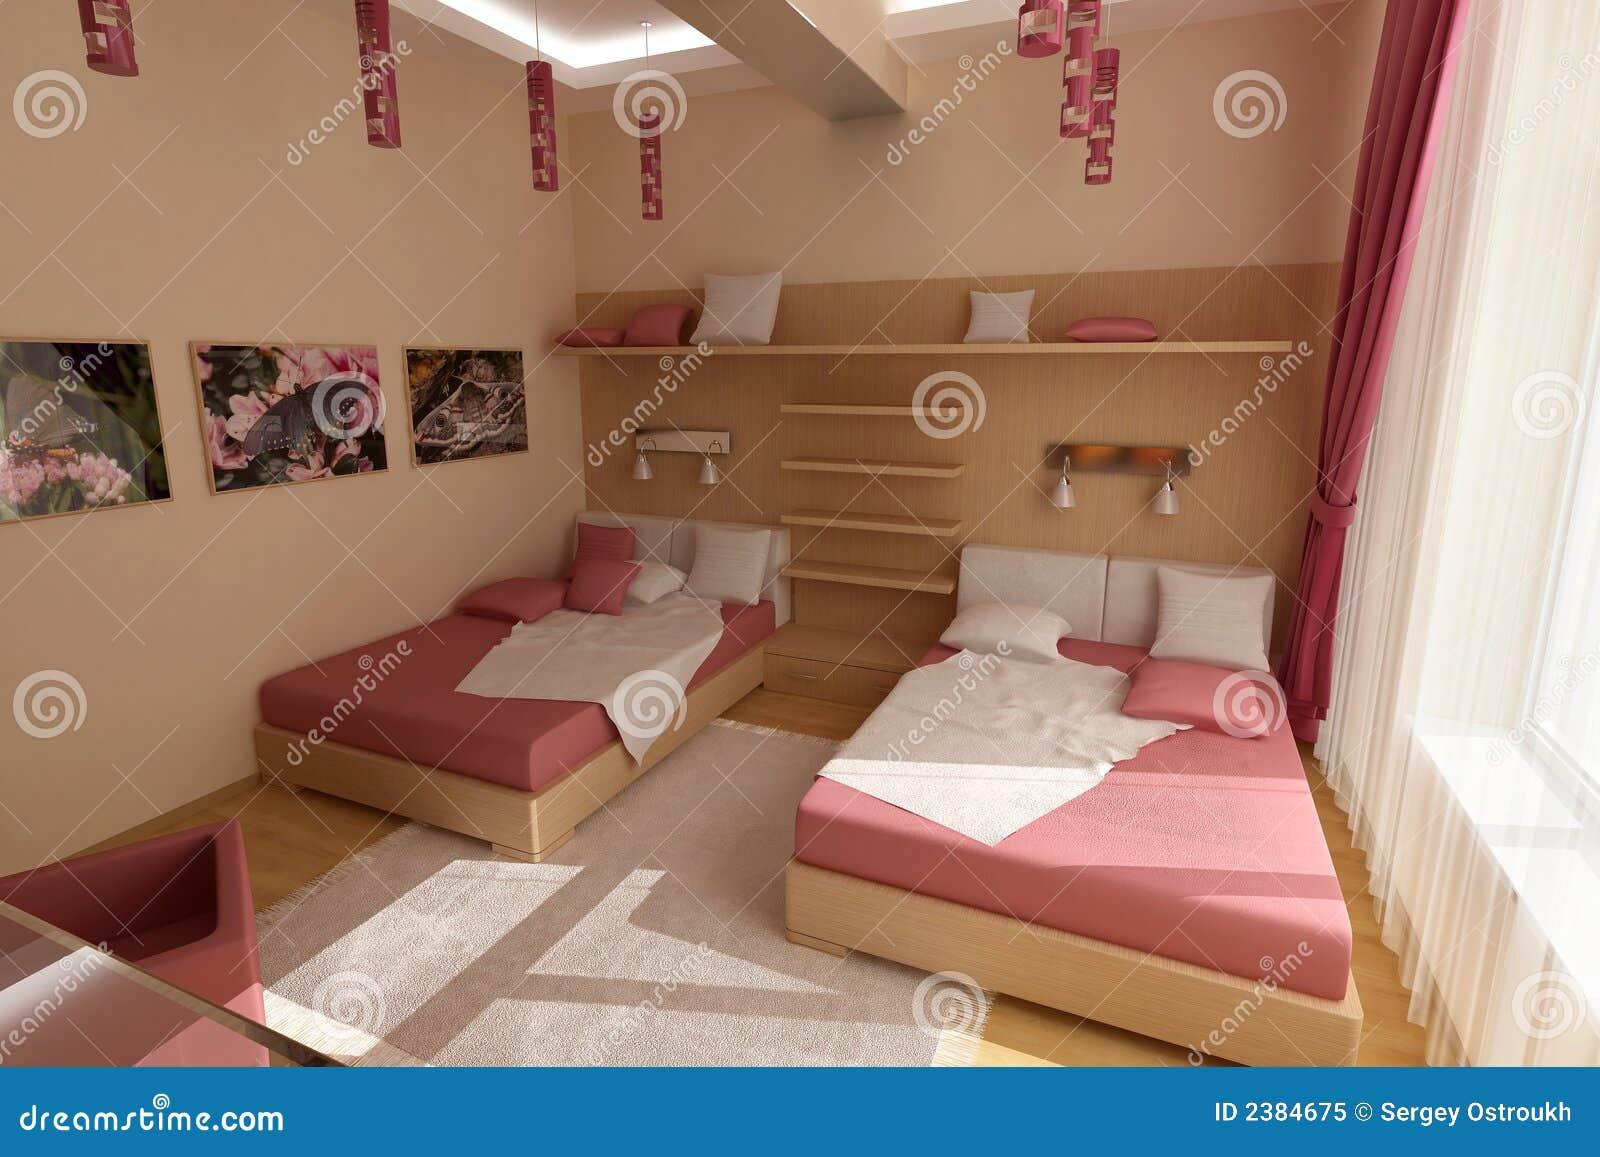 Roze slaapkamer stock afbeelding afbeelding bestaande uit parket 2384675 - Engelse stijl slaapkamer ...